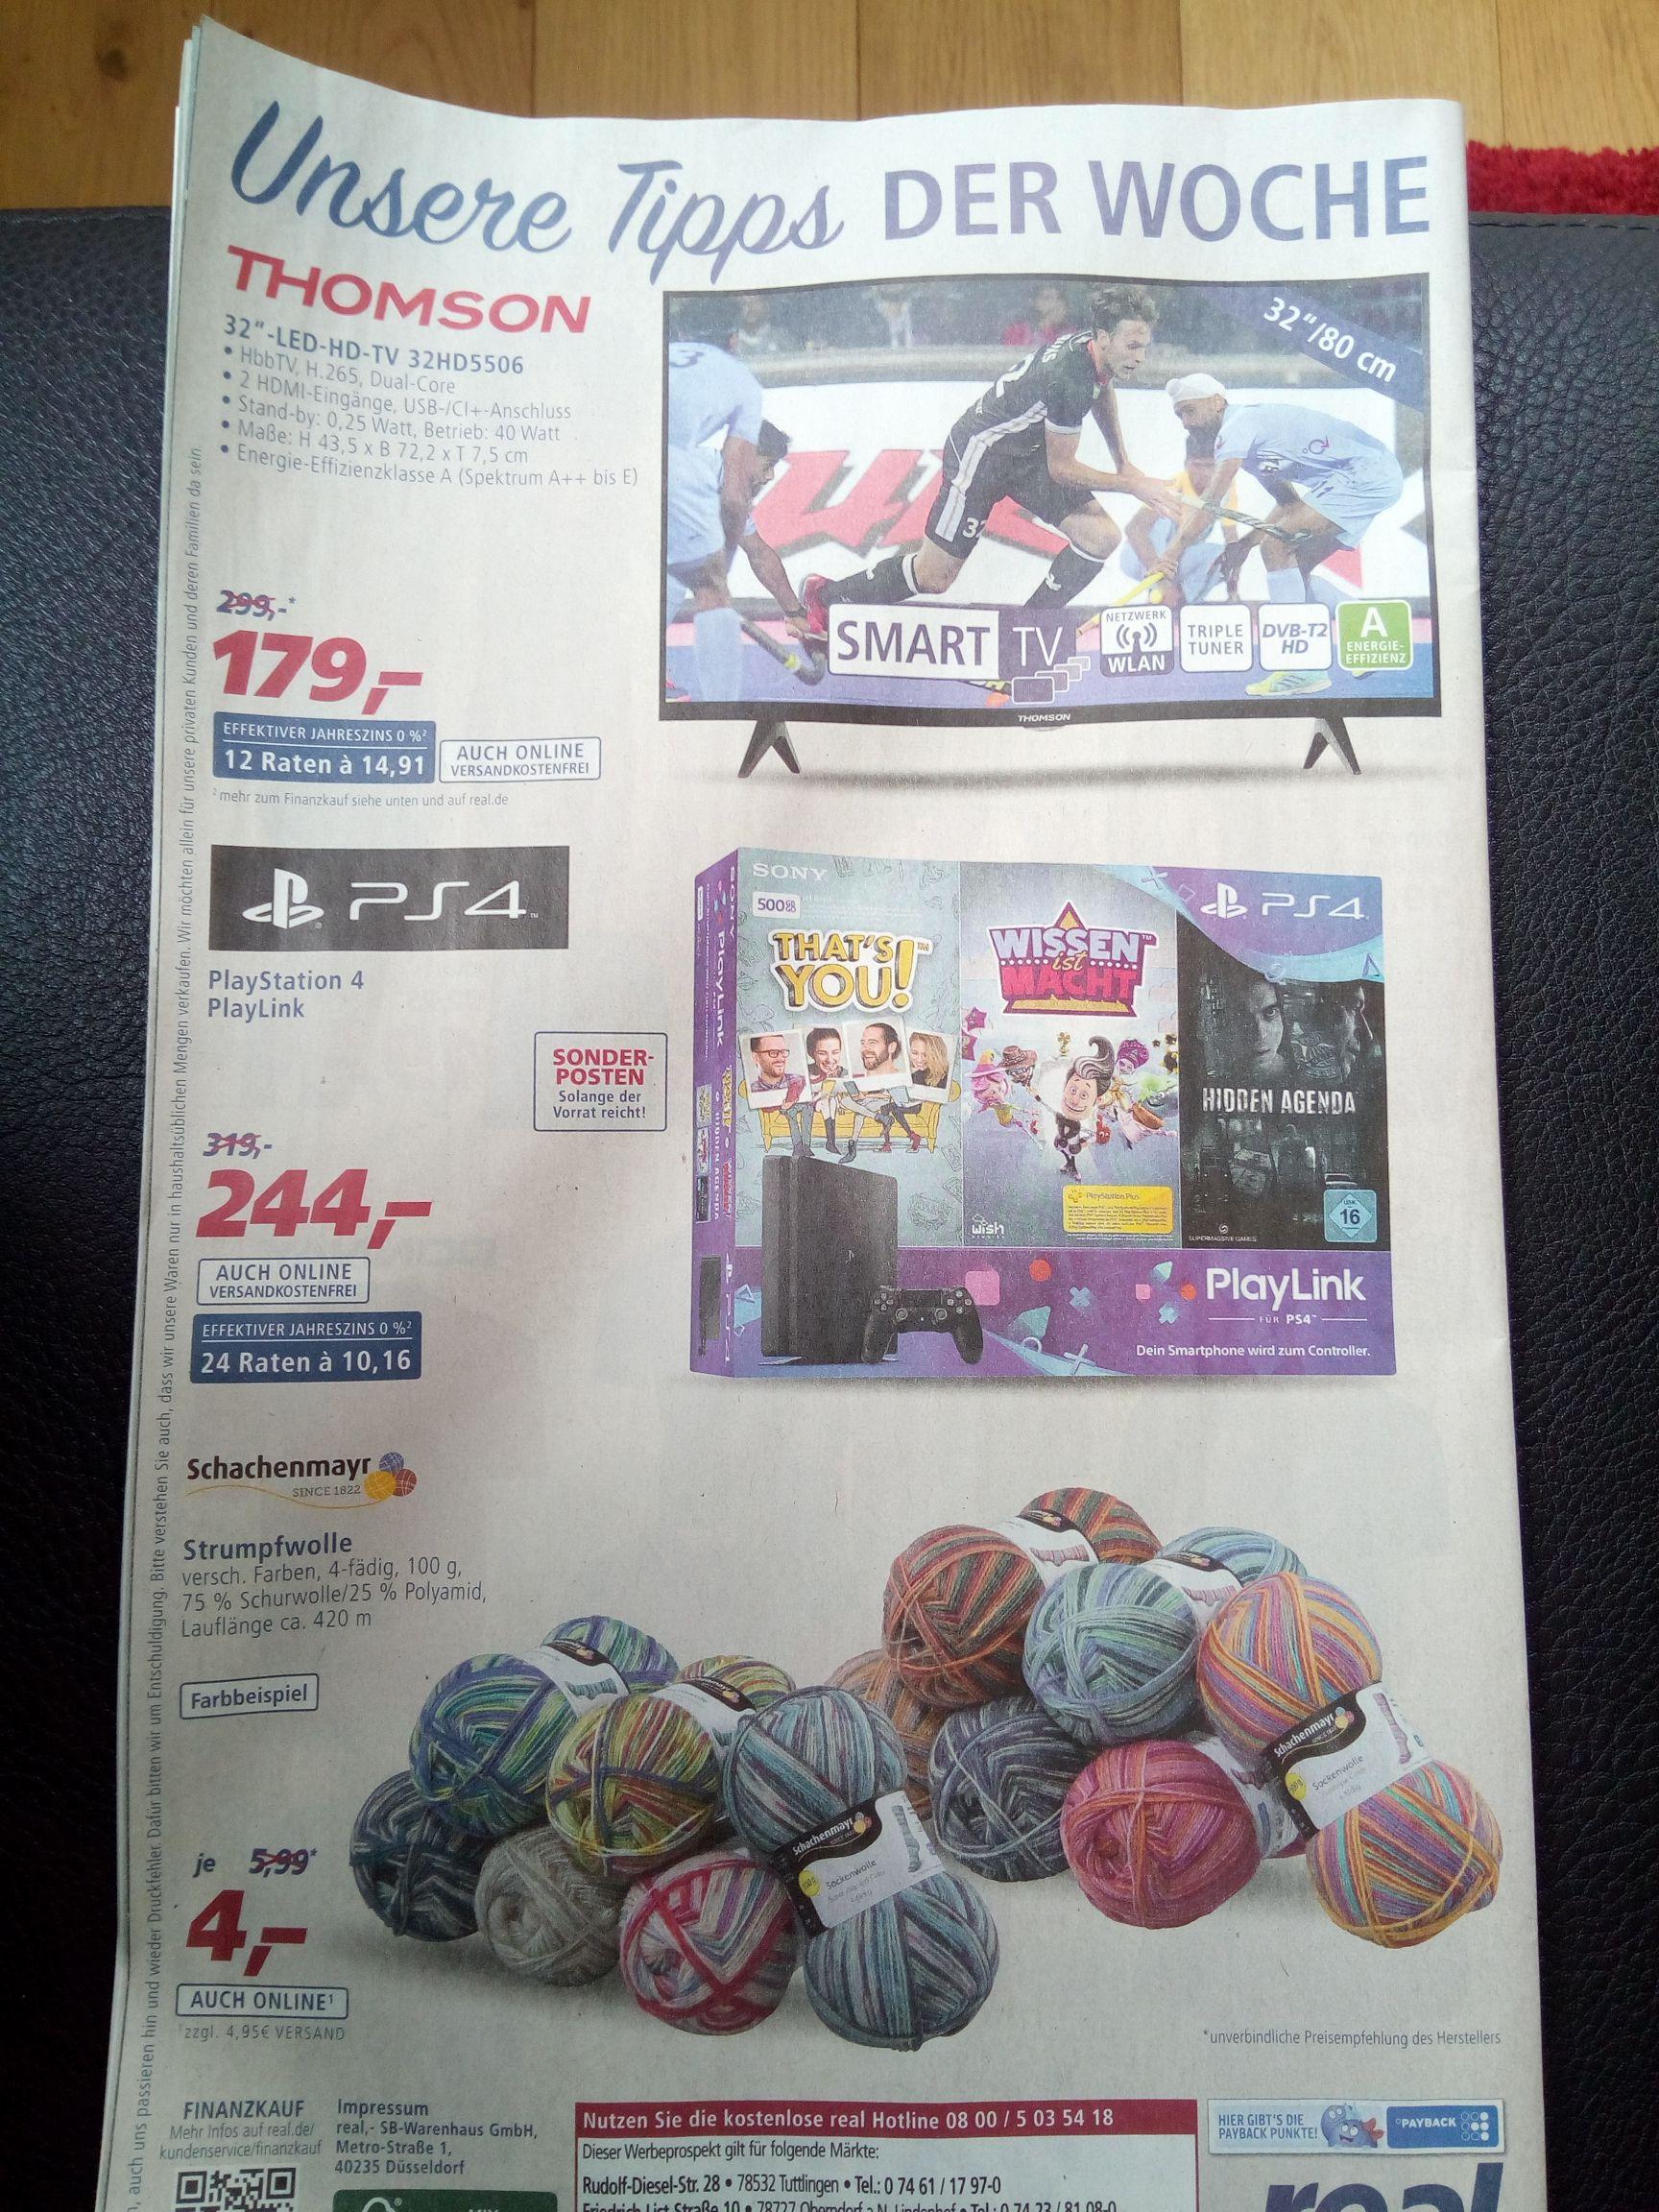 [ab 14.05] Playstation 4 mit 3 Spielen bei Real (auch online)